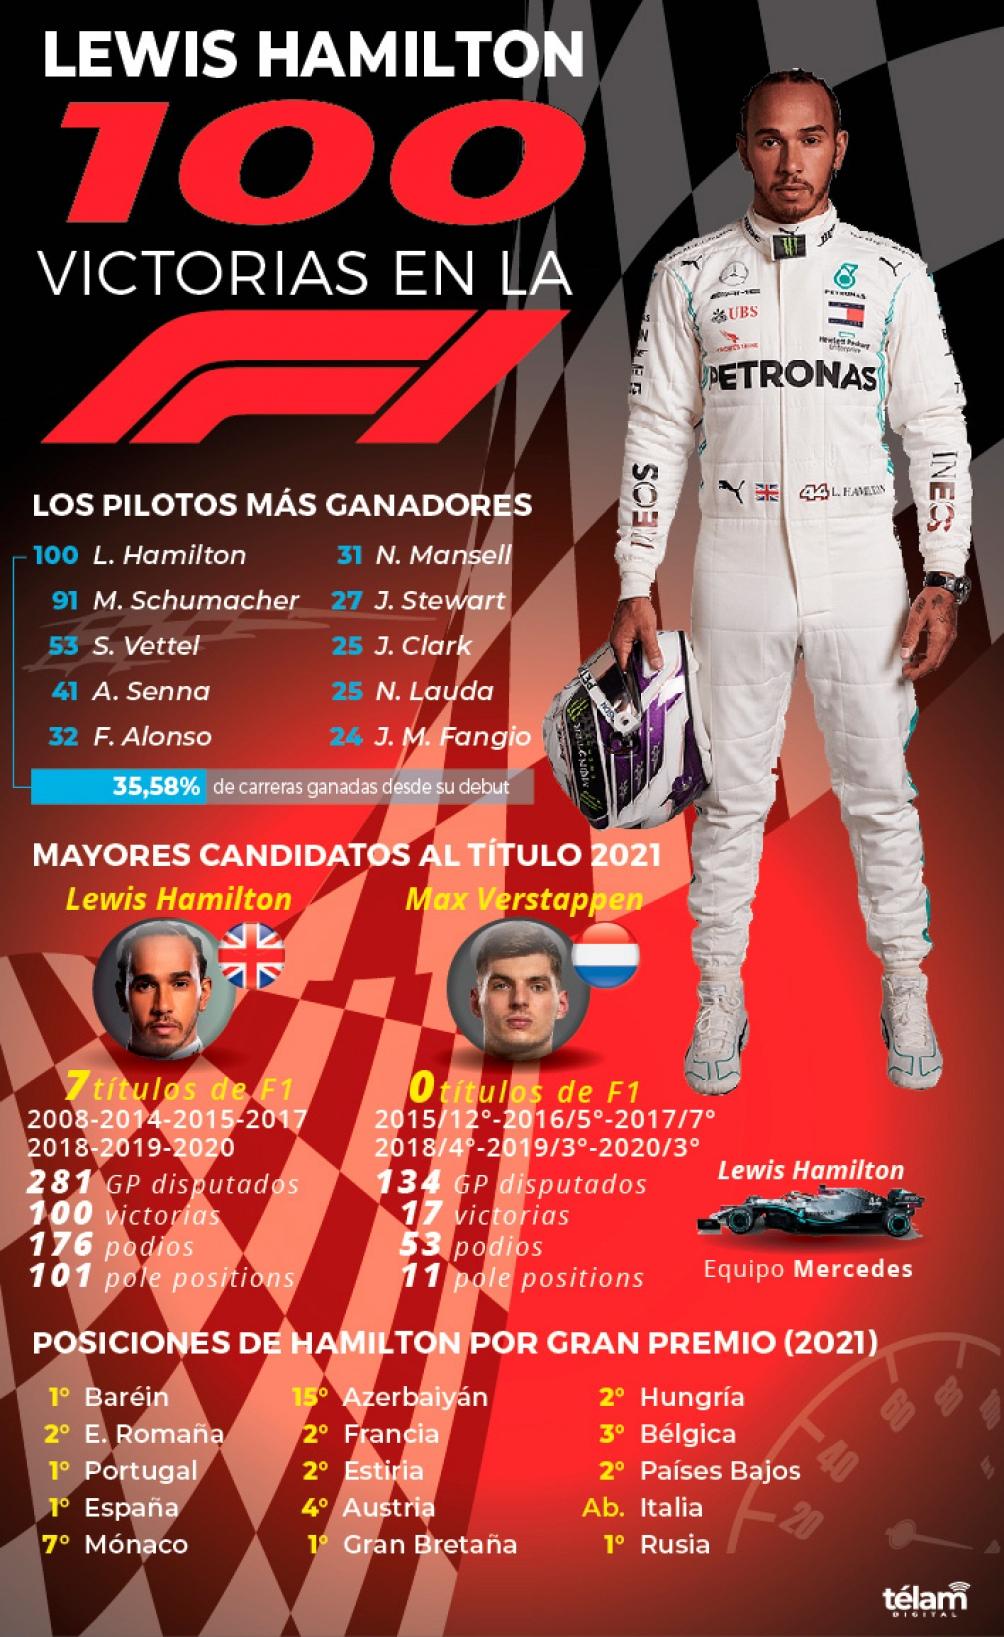 infografía de las victorias de Hamilton